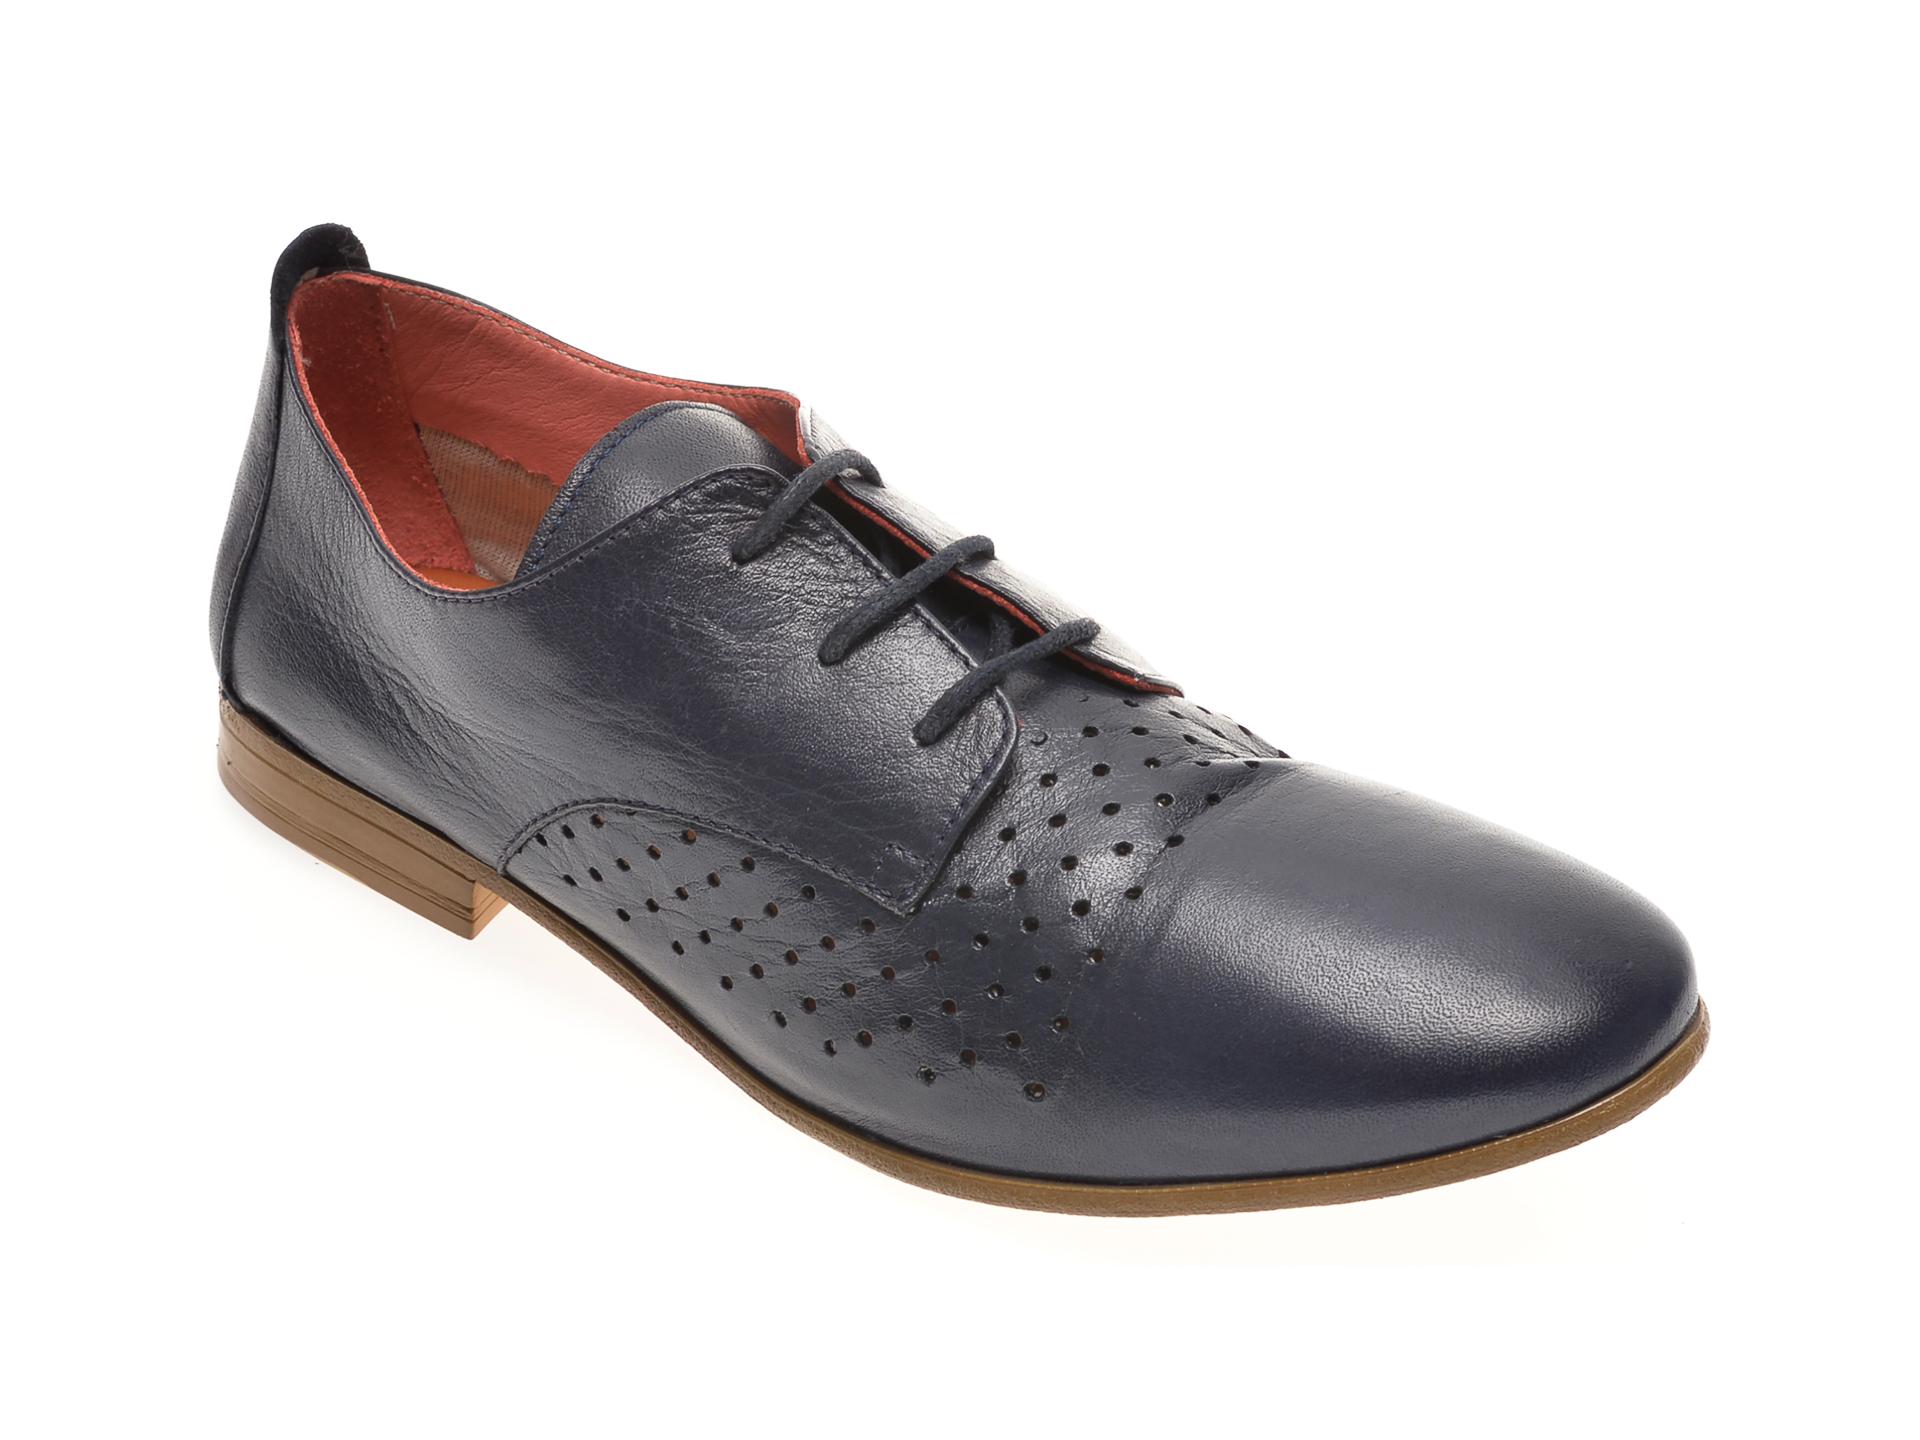 Pantofi BABOOS bleumarin, 1106, din piele naturala imagine